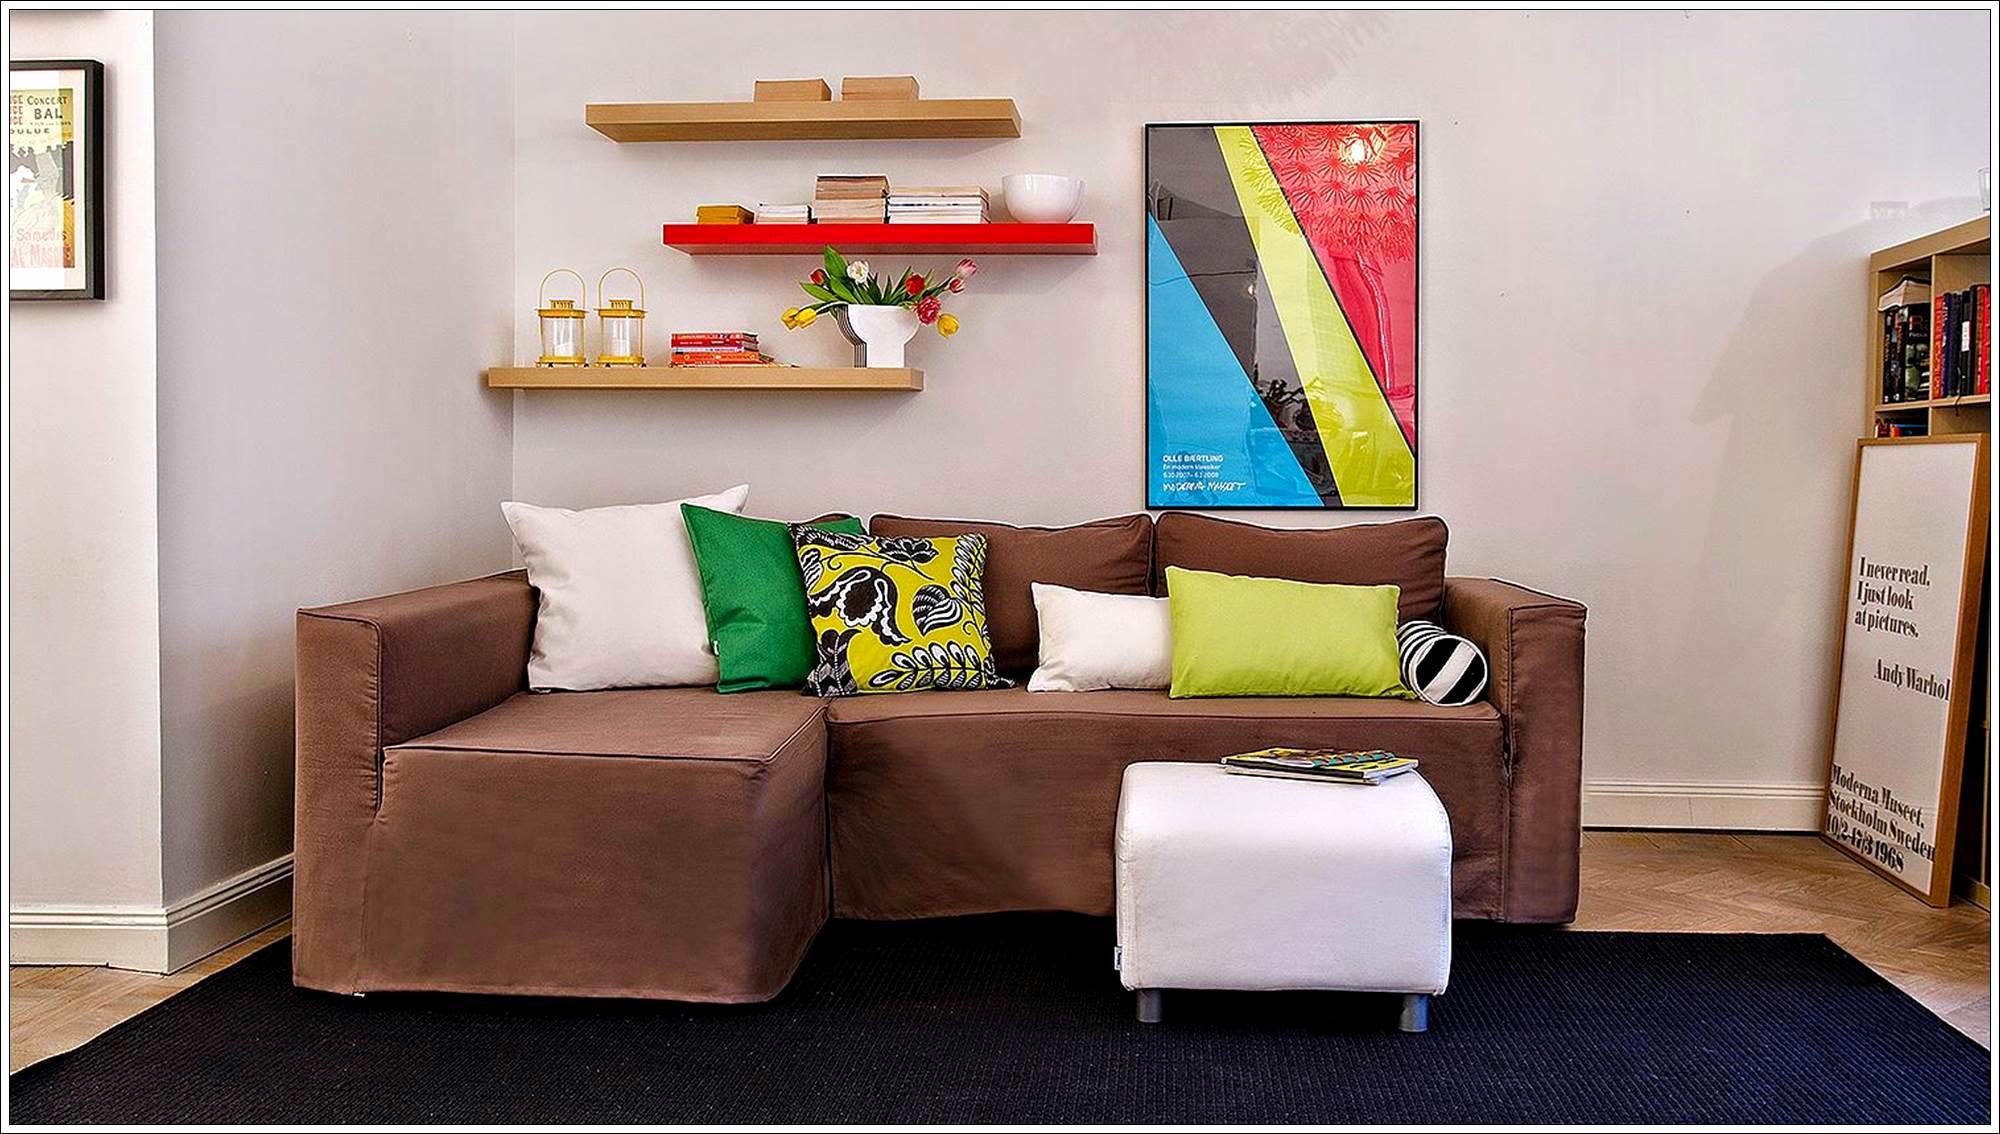 Ektorp 3 Places Frais Collection 18 Canap Convertible Ikea Ektorp Décoration De Maison Décoration